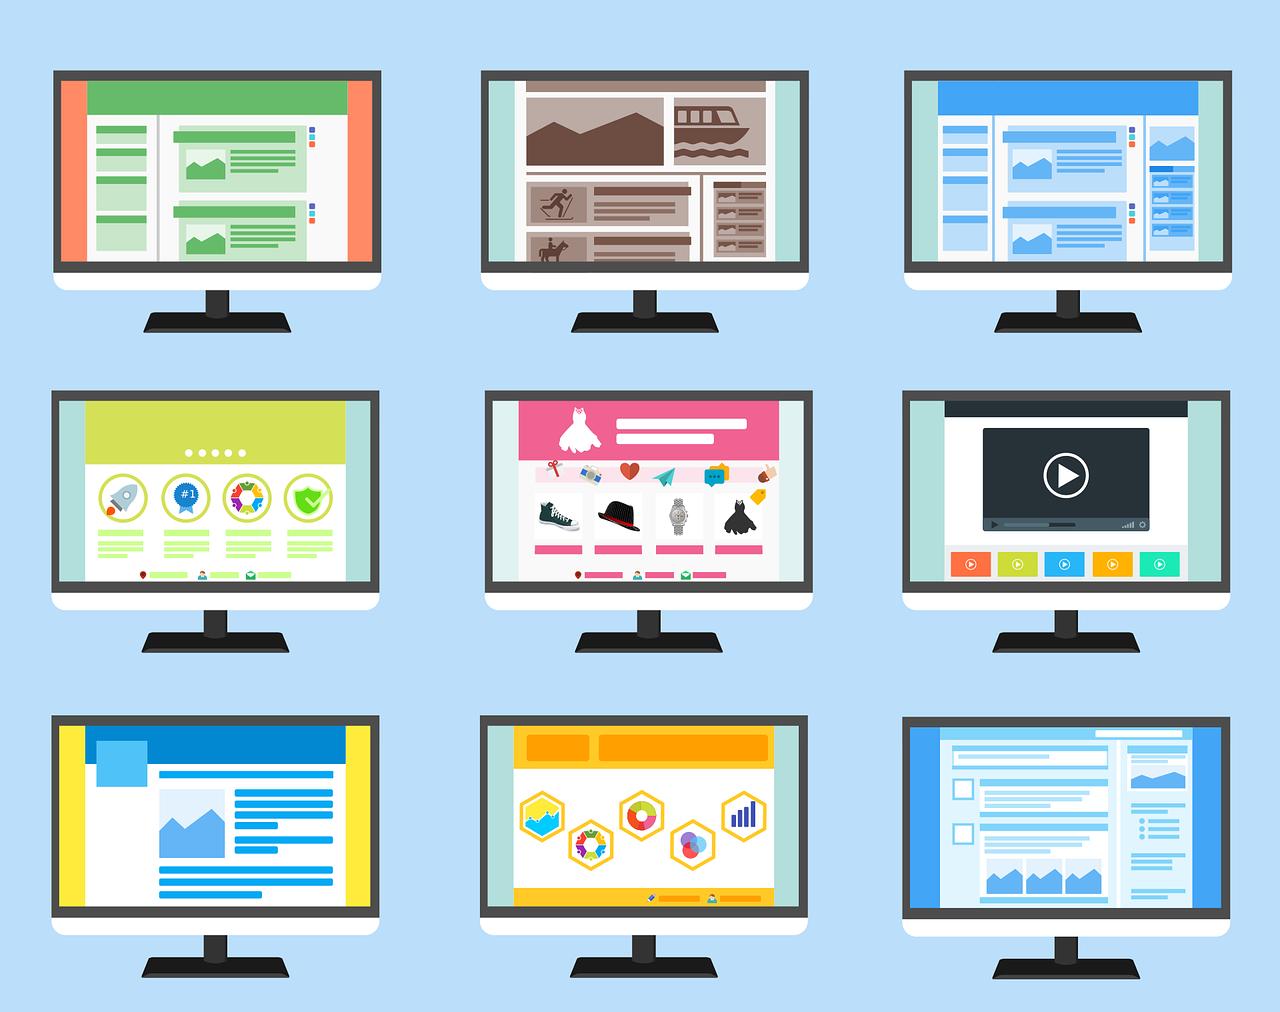 ブログ初心者の収入や収益も教える30記事までの記録